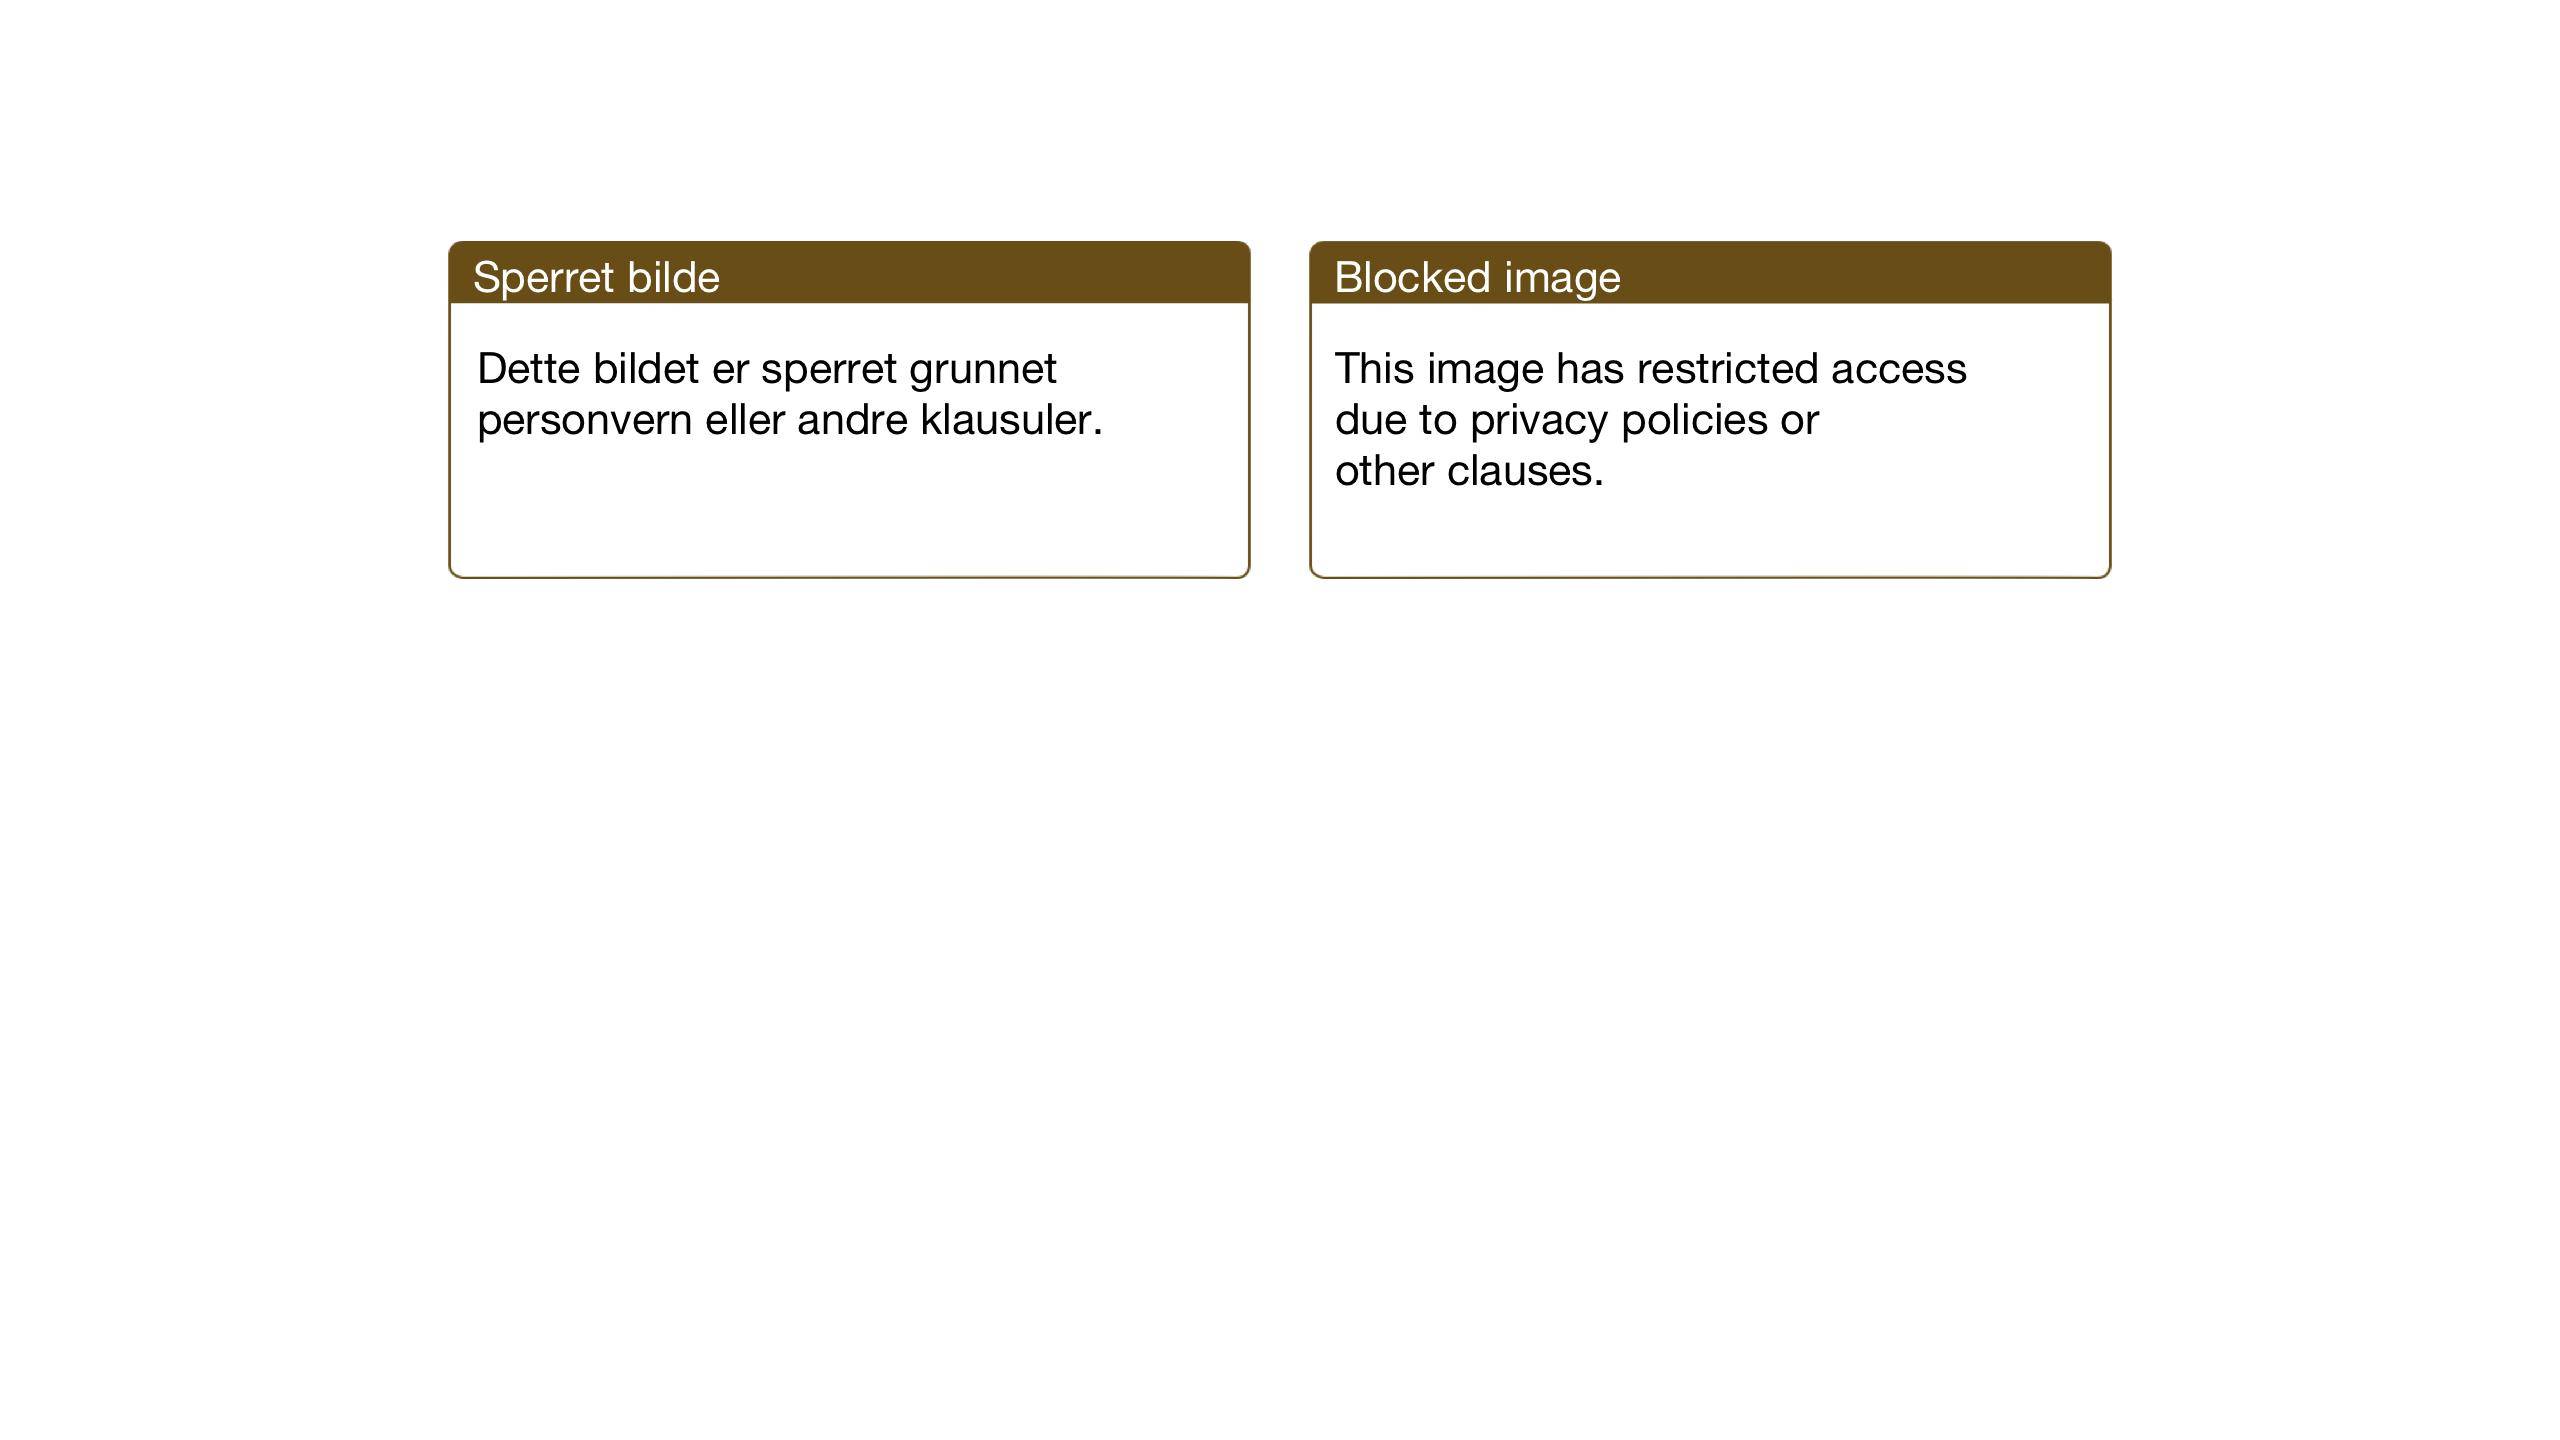 SAT, Ministerialprotokoller, klokkerbøker og fødselsregistre - Nord-Trøndelag, 722/L0227: Klokkerbok nr. 722C03, 1928-1958, s. 9